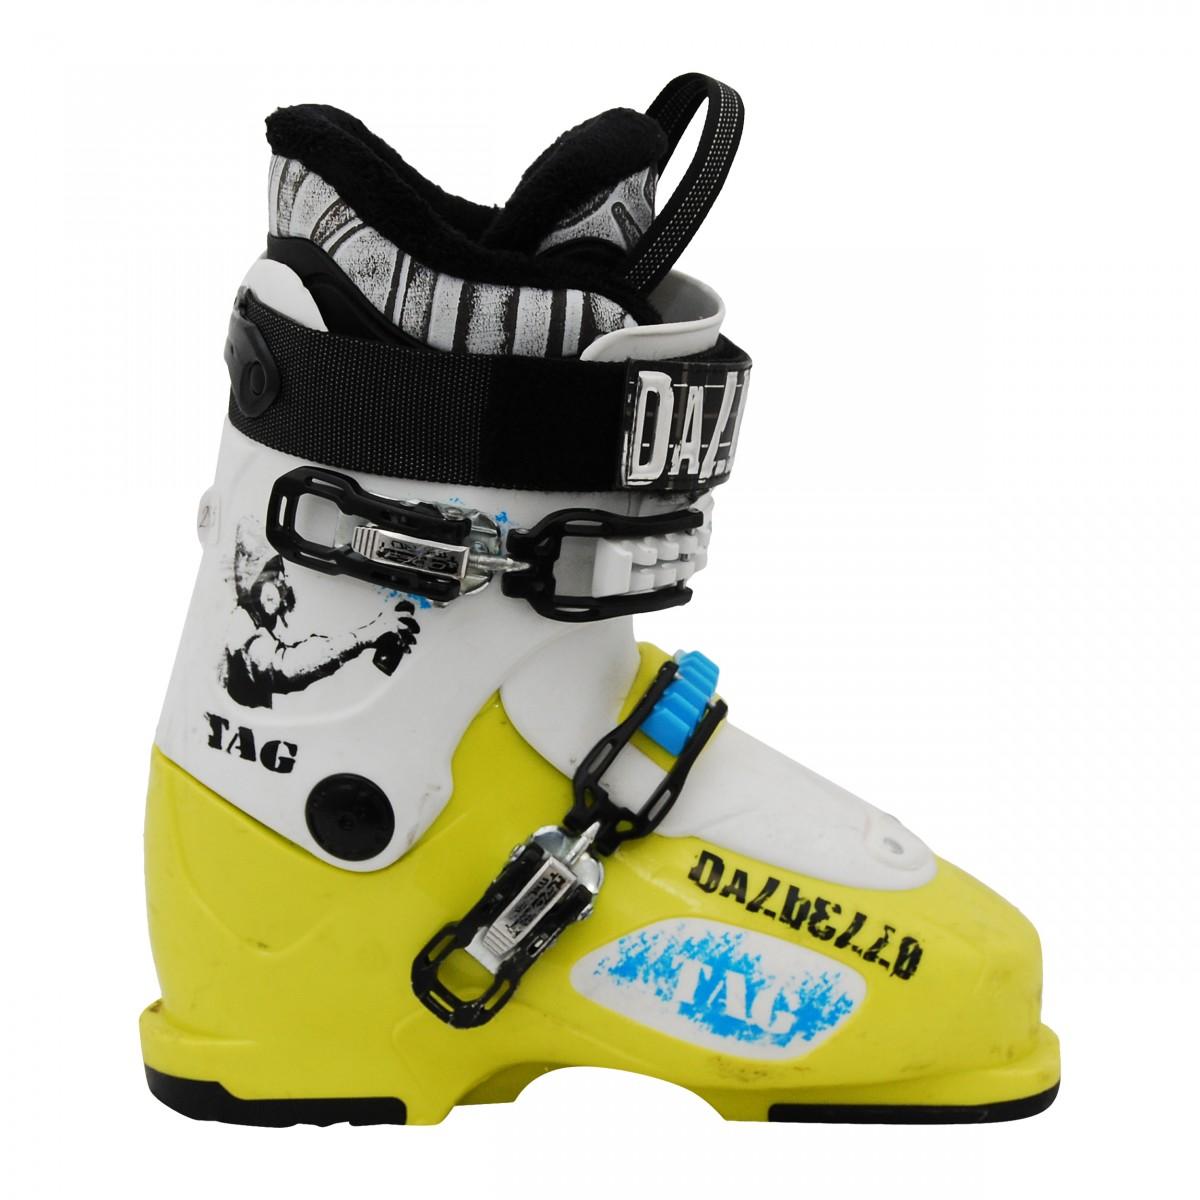 info for 6c59b 41387 Chaussure de ski occasion junior Dalbello Tag